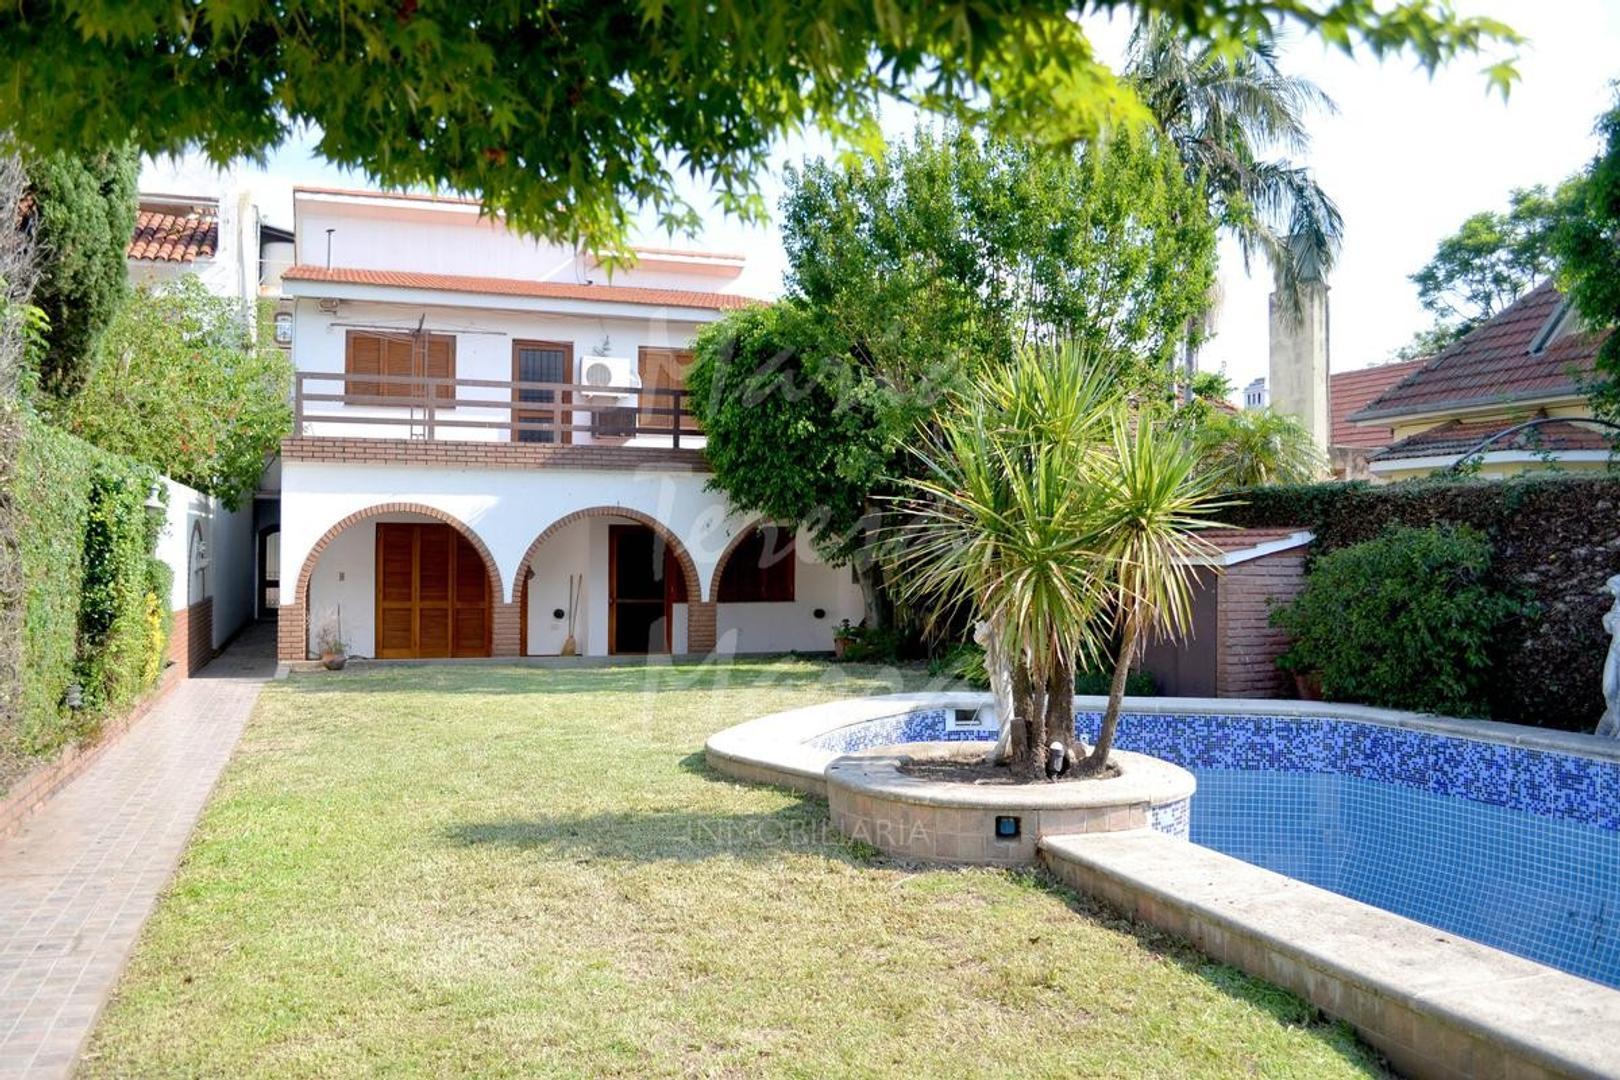 Casa en Venta en Alberdi - 8 ambientes